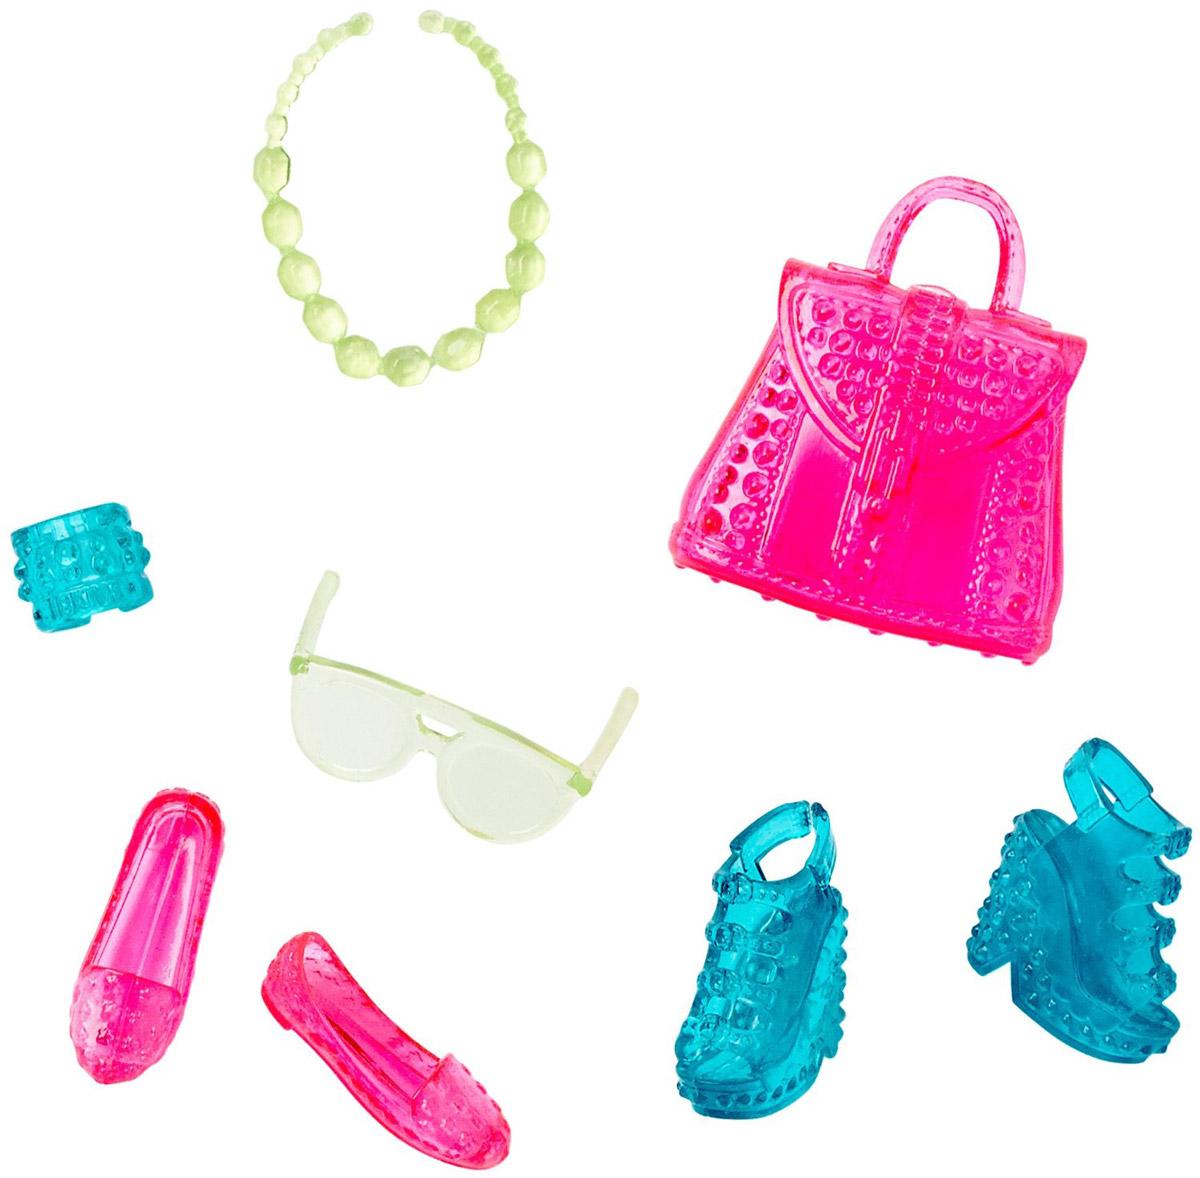 Barbie Набор обуви и аксессуаров для кукол Blue and PinkCFX30_DHC54Каждый день новый очаровательный наряд - это возможно с набором обуви и аксессуаров Barbie Blue and Pink. Современные силуэты, нарядные цвета и детали оживят игру. В набор входит две пары обуви, сумочка, очки и украшения; кукла продается отдельно. Комбинируйте с другими нарядами, чтобы расширить гардероб своих модниц. Одежда подходит большинству кукол Барби.